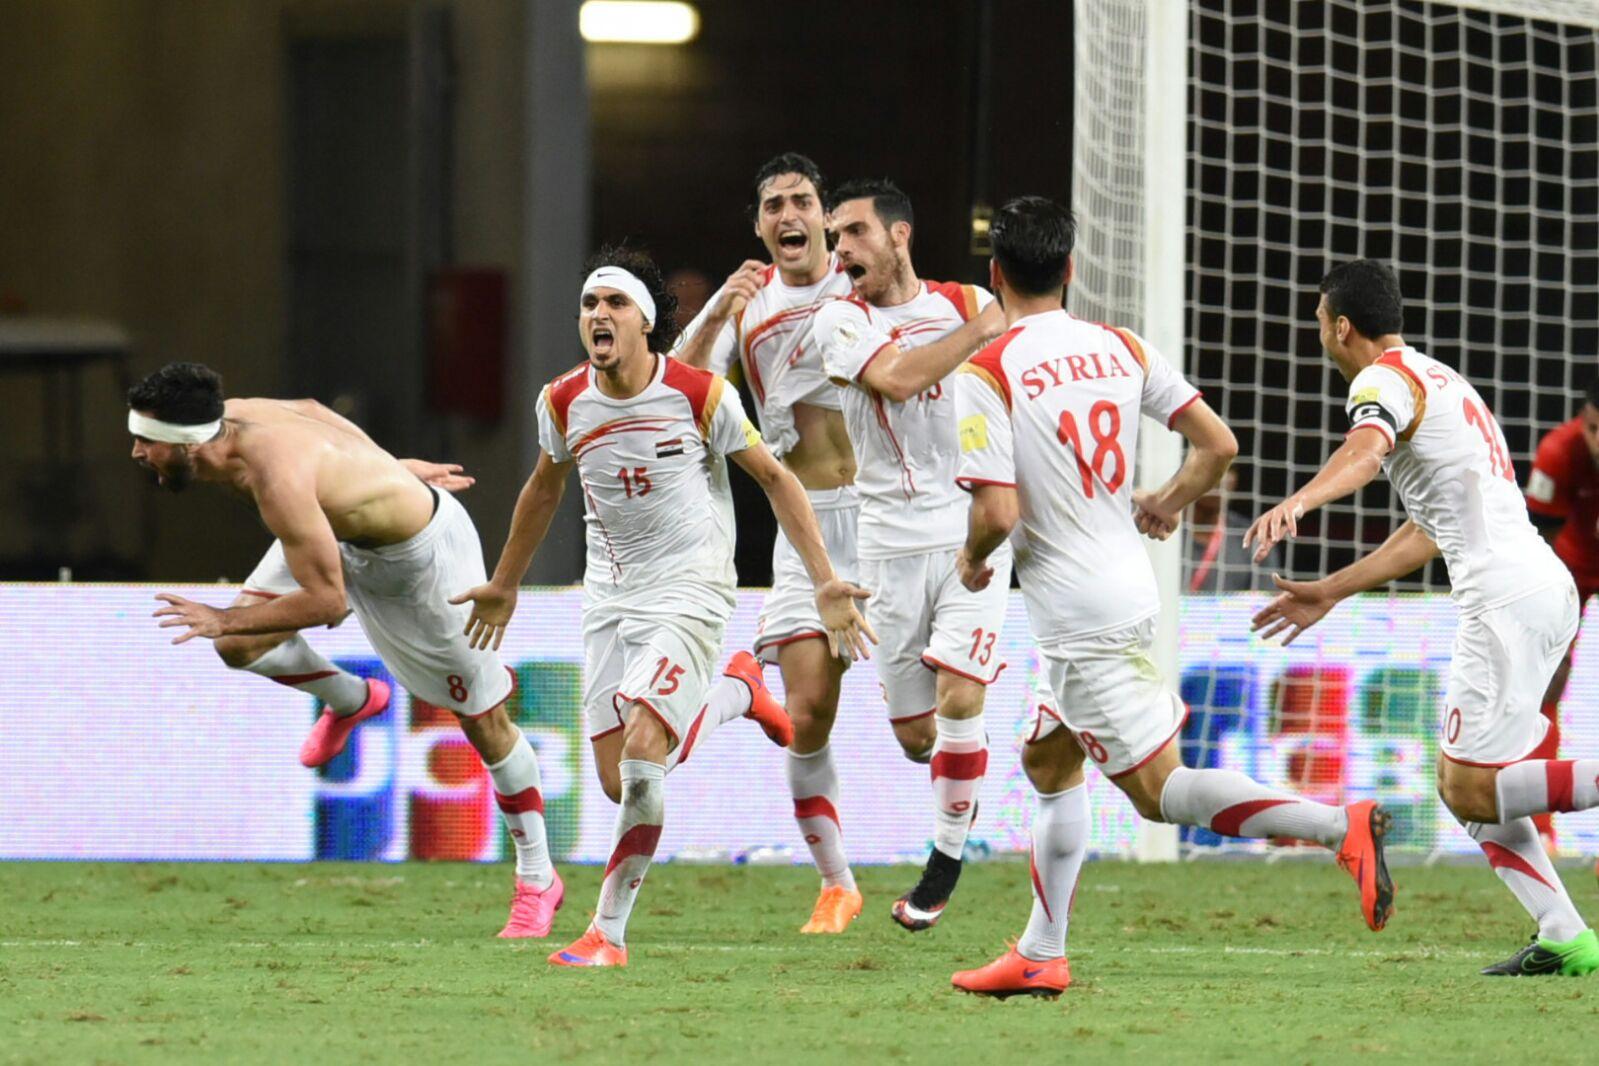 Fotbaliștii sirieni au depășit deja două faze de calificare și țintesc un loc la turneul final din Rusia (Foto: Ngau Kai Yan)